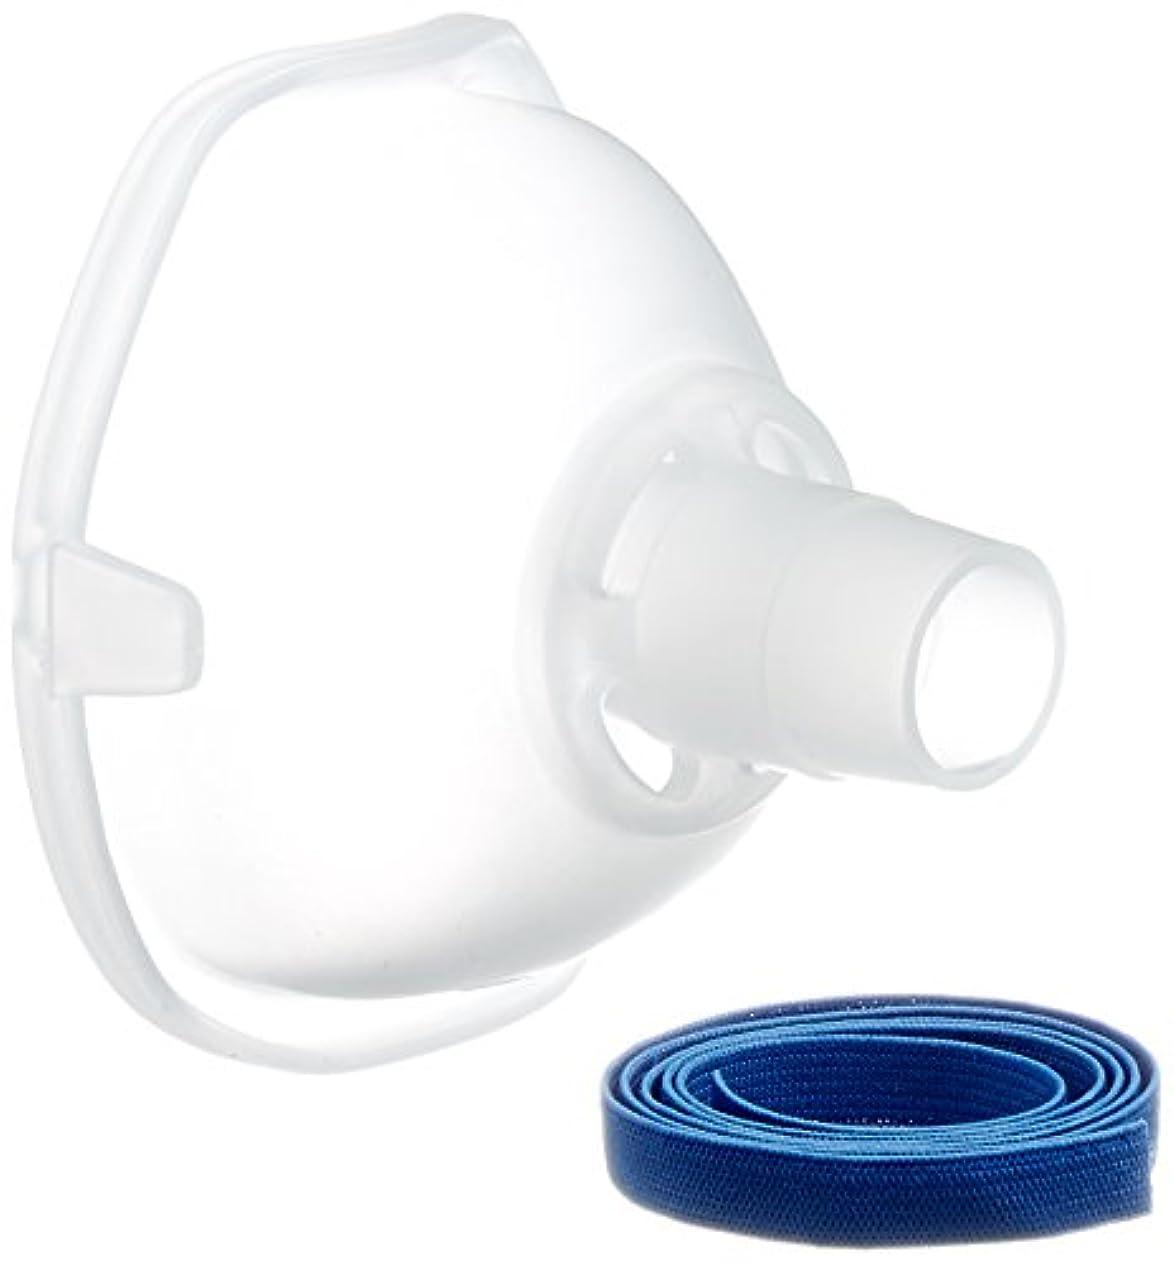 聴く合わせて別れるオムロン ネブライザー用 吸入マスク(小) (3個入) NE-U10-2